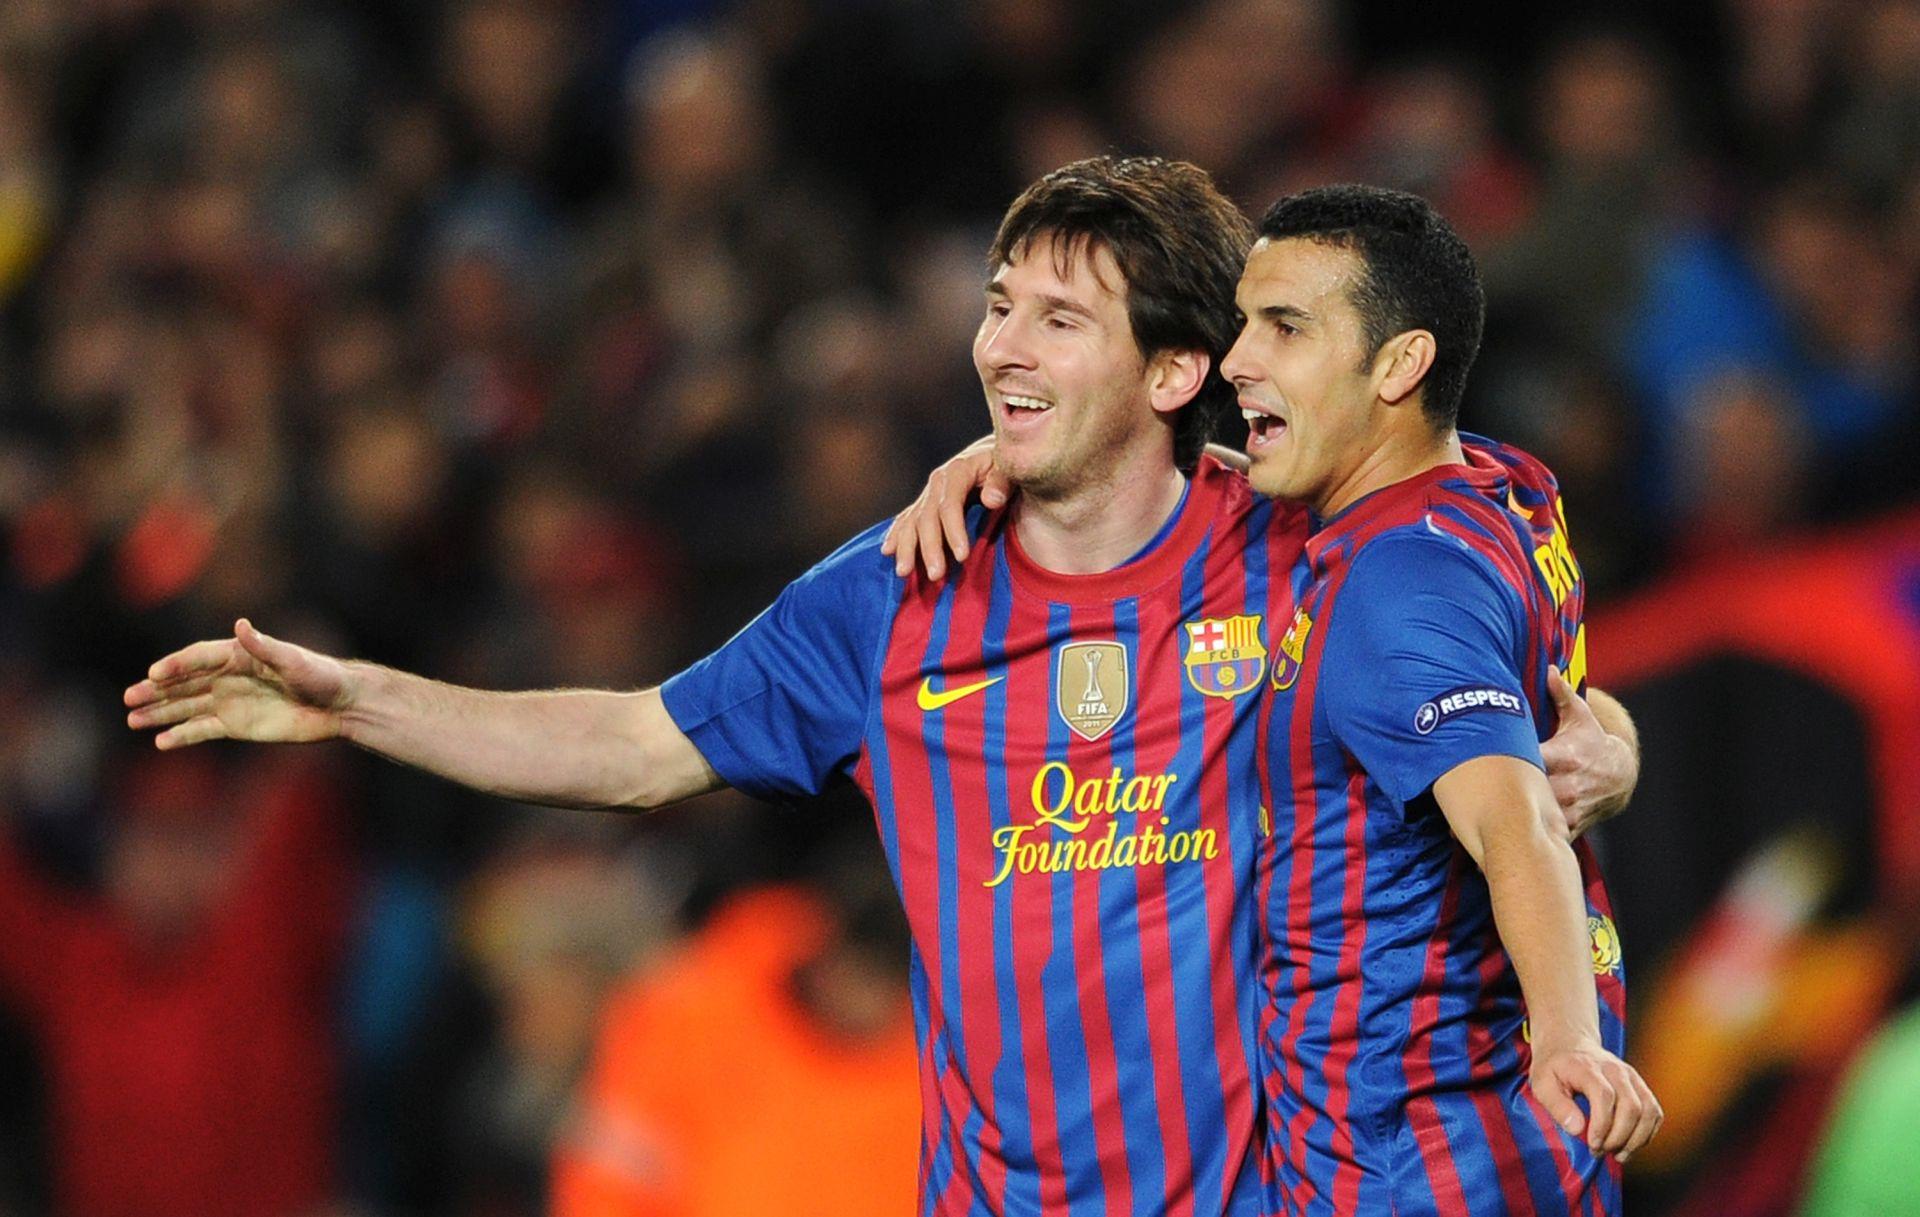 PEDRO PRESRETAN TRANSFEROM Leo Messi oprostio se od prijatelja i poželio mu sreću